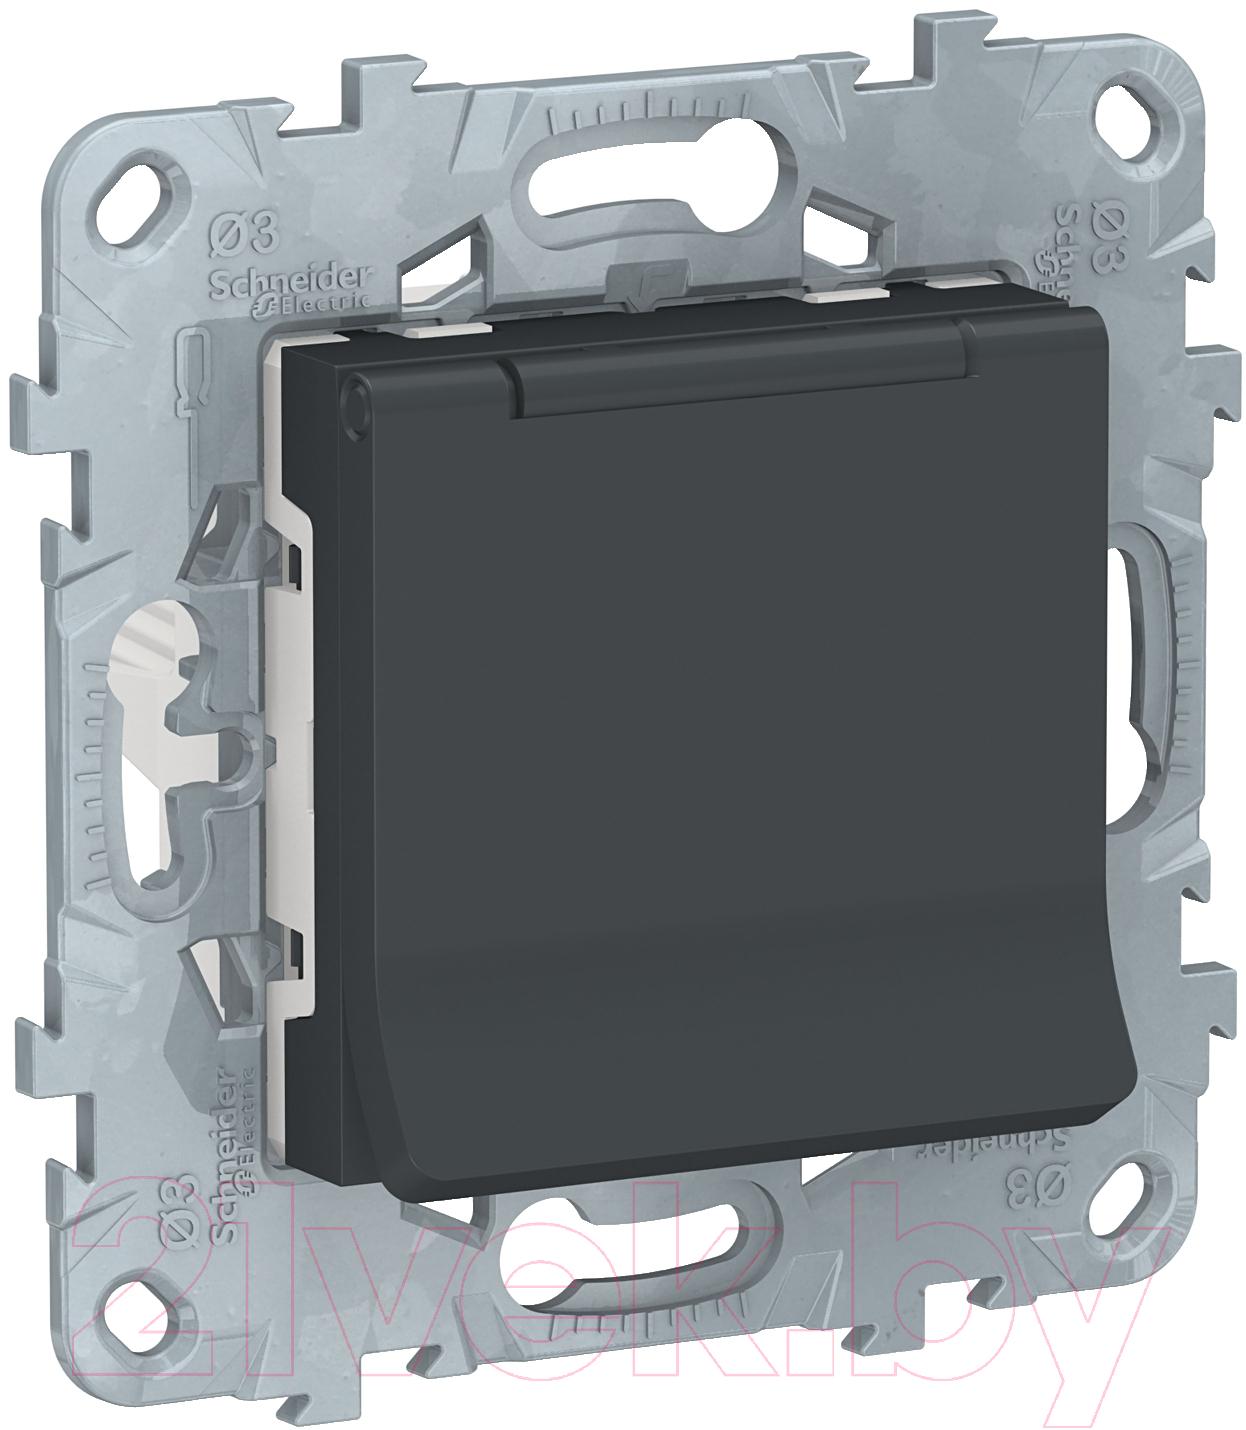 Купить Розетка Schneider Electric, Unica NU503754TA, Россия, поликарбонат, New Unica (Schneider Electric)